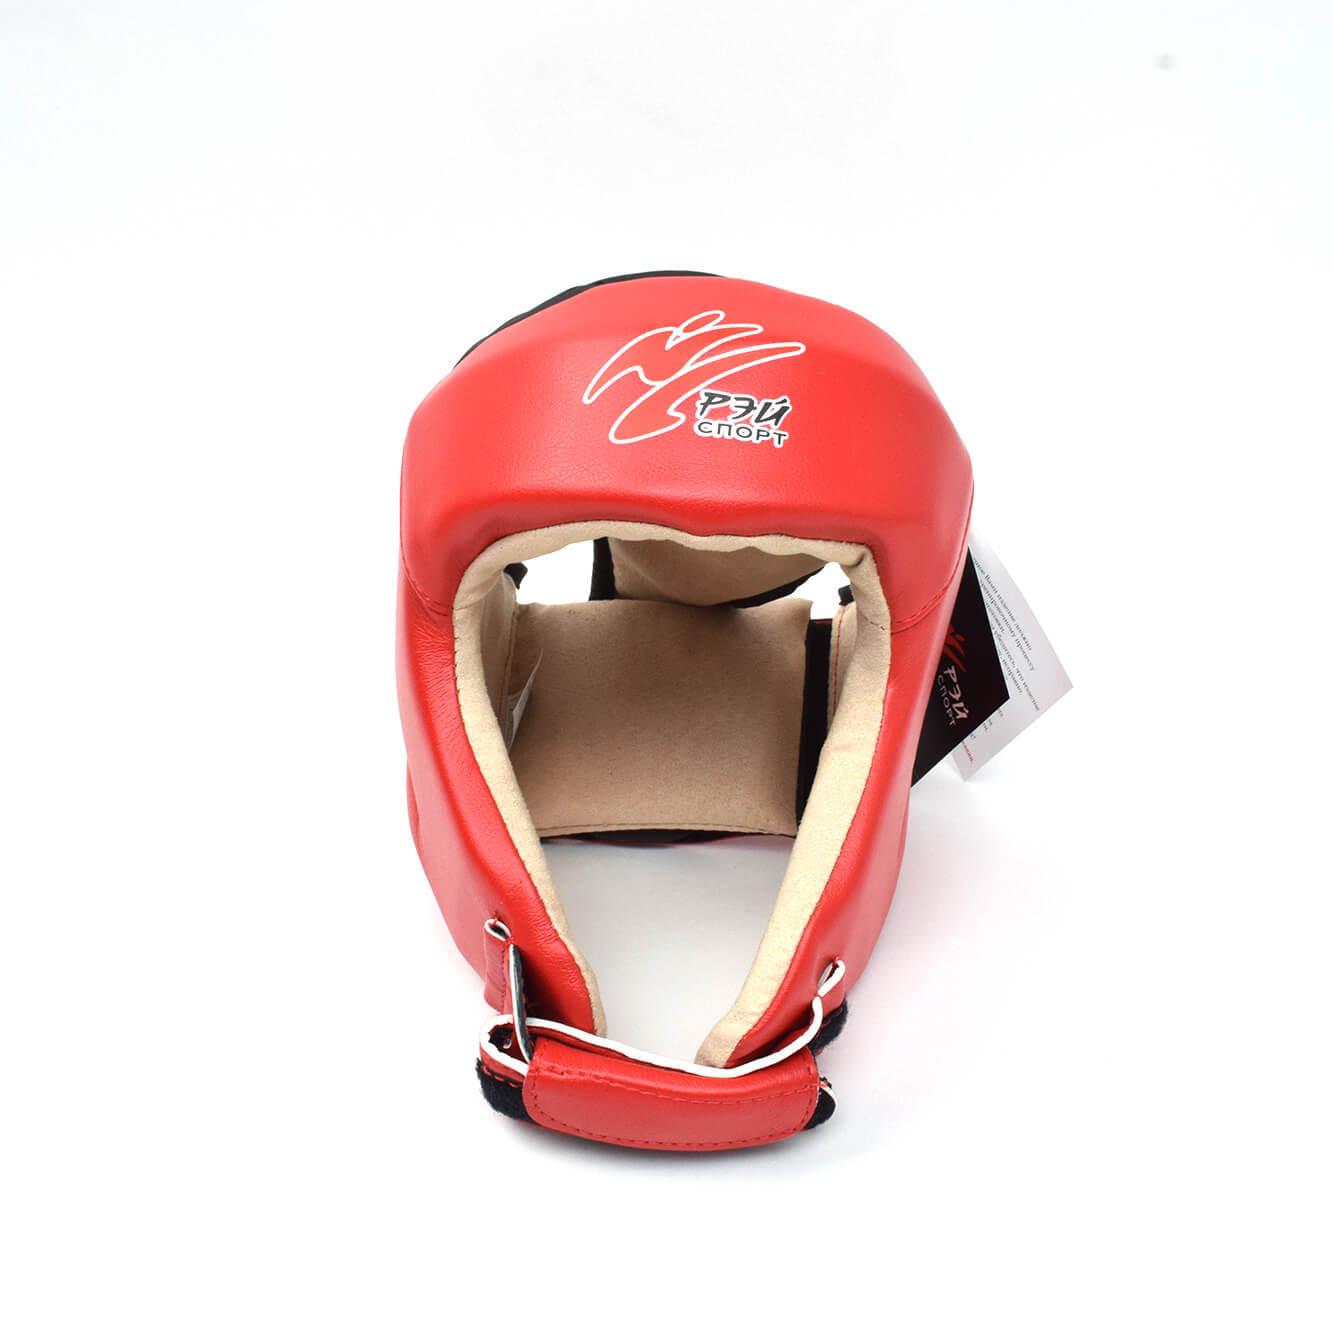 Шлемы Шлем открытый Рэй спорт с закрытым верхом 1_shlem.jpg